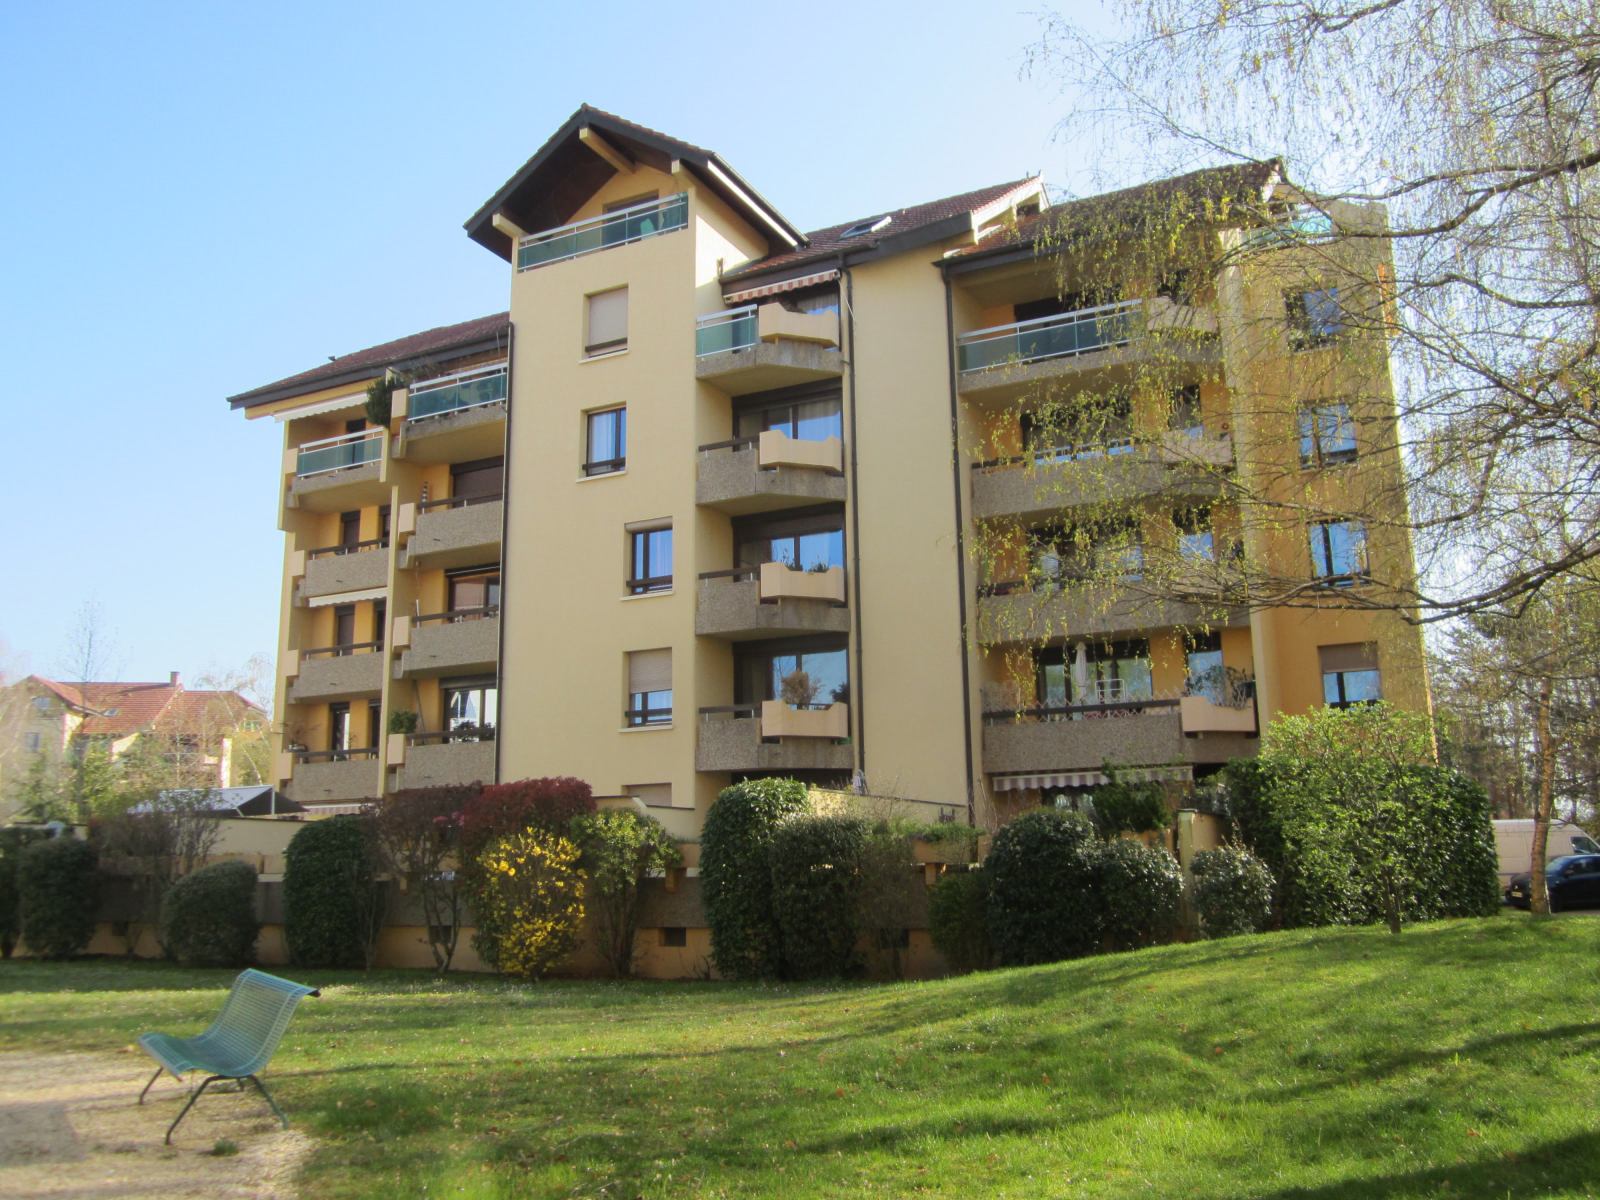 """EXCLUSIVITE St Julien-en-Genevois Appartement de 30 m² avec terrasse de 27 m² dans résidence de standing """"Les cyclades I""""...SOUS COMPROMIS"""